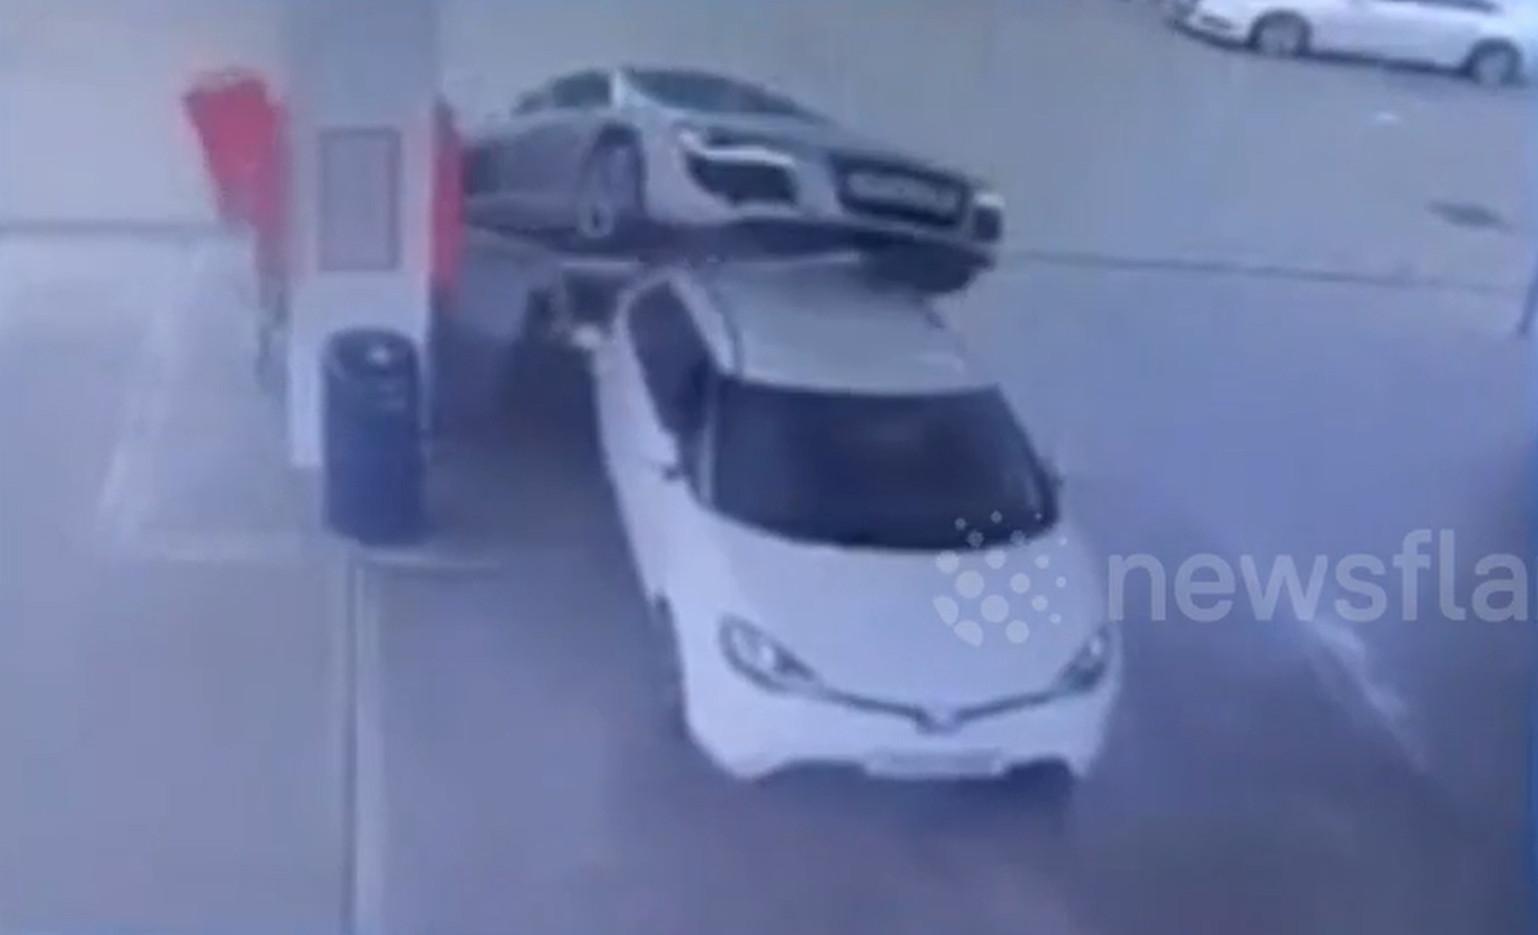 Chiếc Audi bất ngờ vọt tới chồm lên chiếc ô tô màu trắng đang dừng đổ xăng